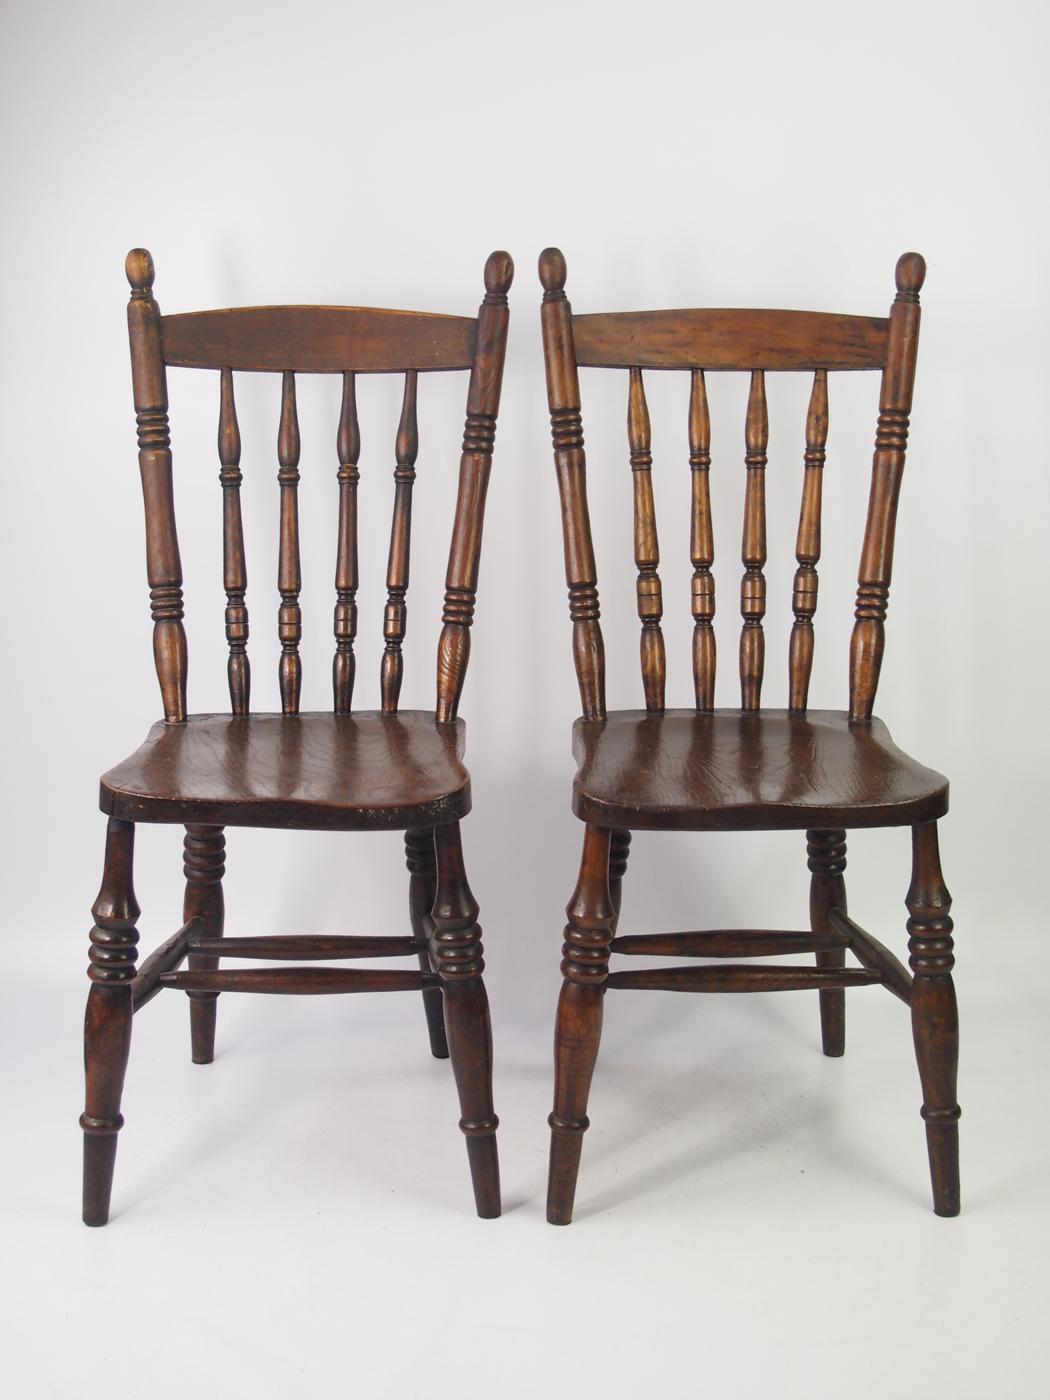 Pair of Antique Victorian Kitchen Chairs - LA8  LoveAntiques.com